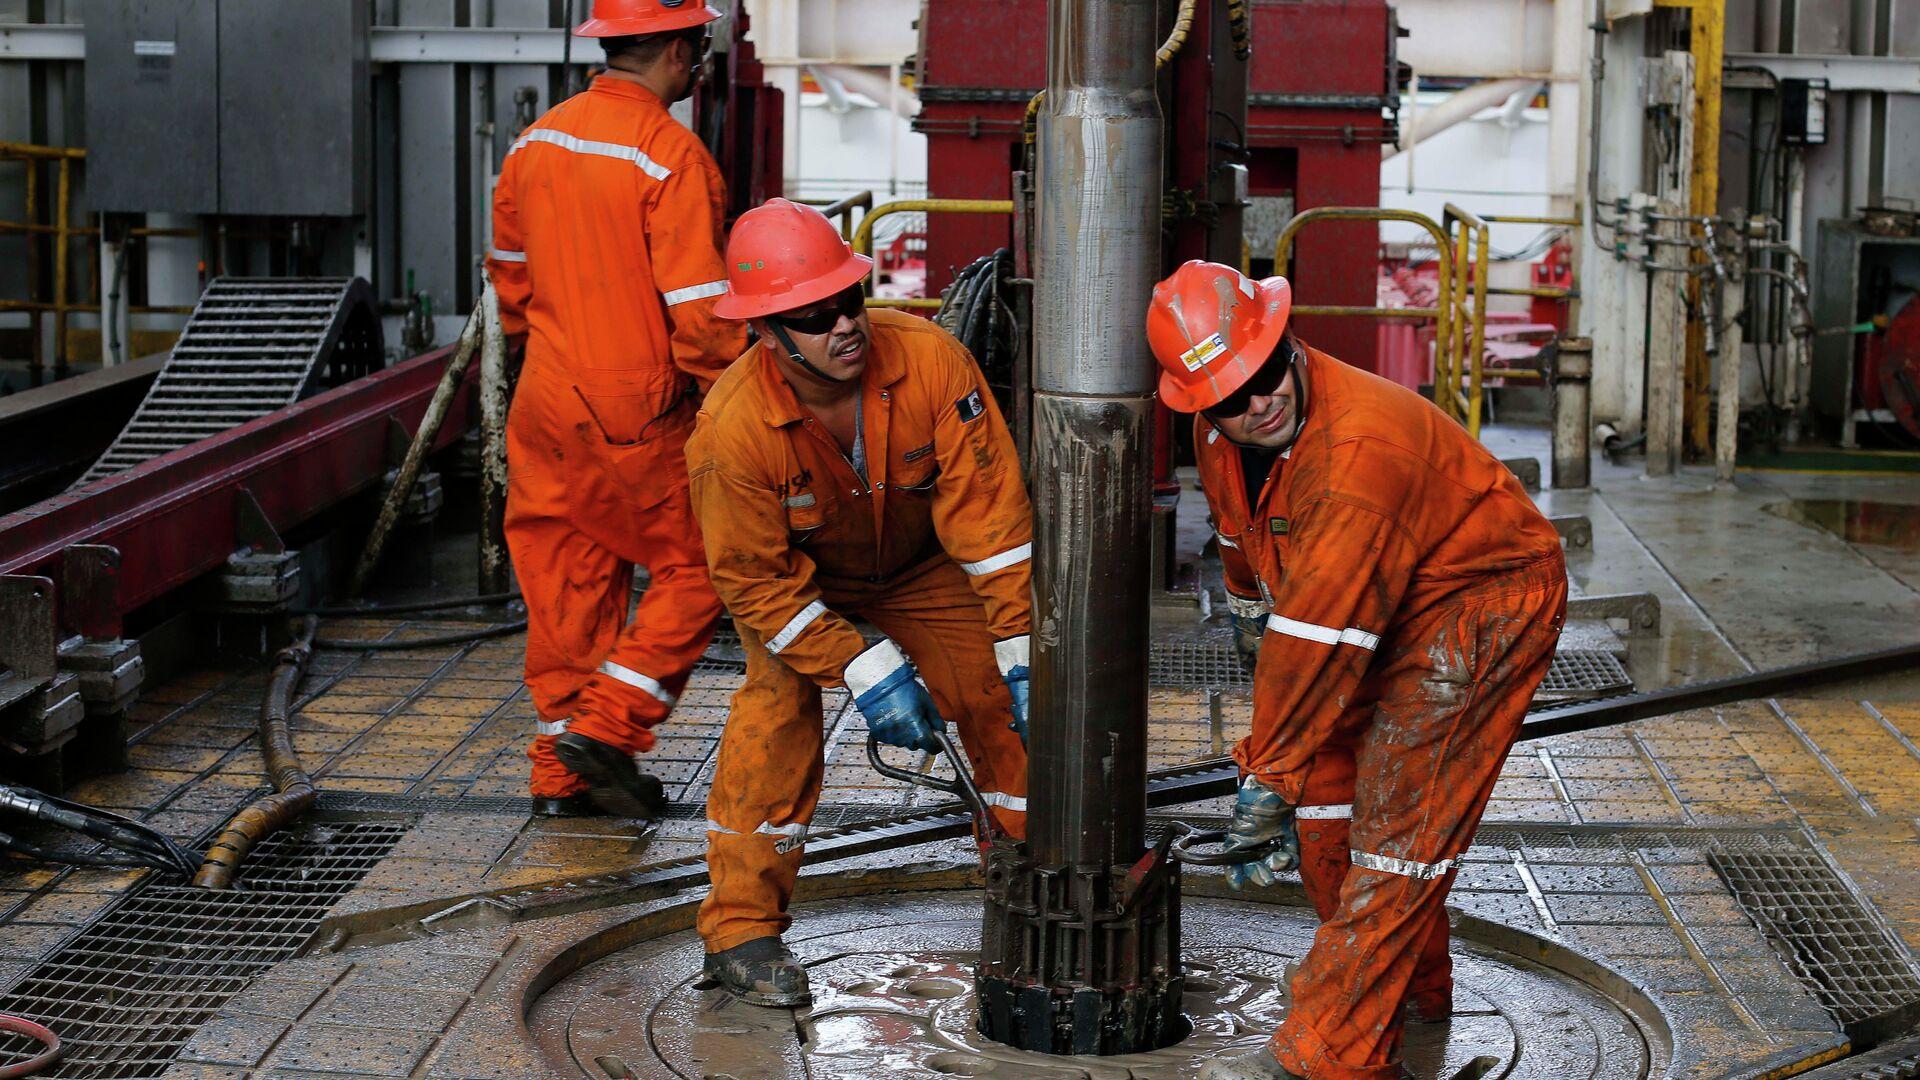 Extracción de petróleo en México - Sputnik Mundo, 1920, 18.03.2021